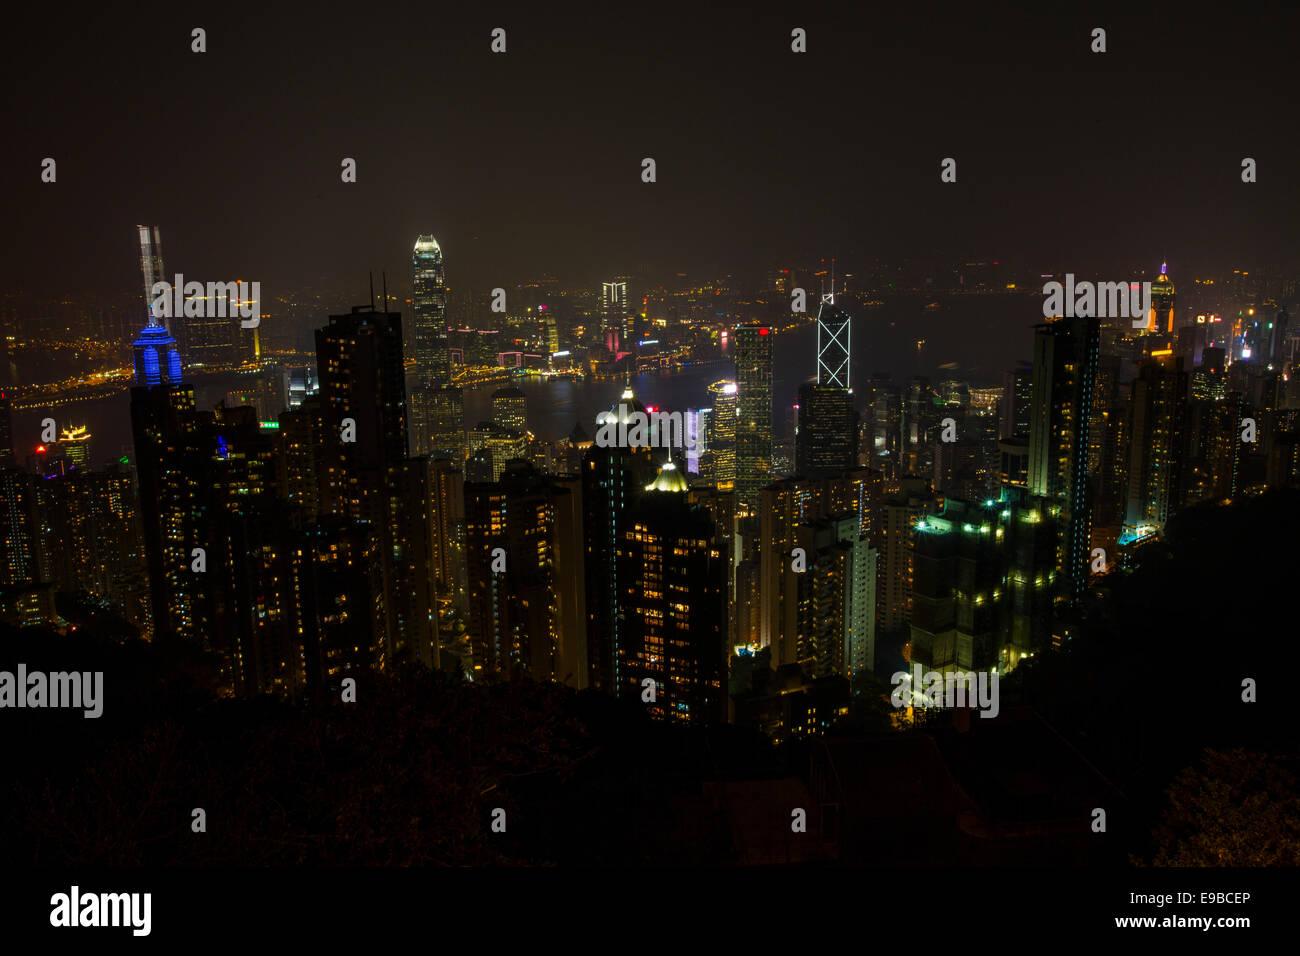 Hong Kong, SAR China - Stock Image